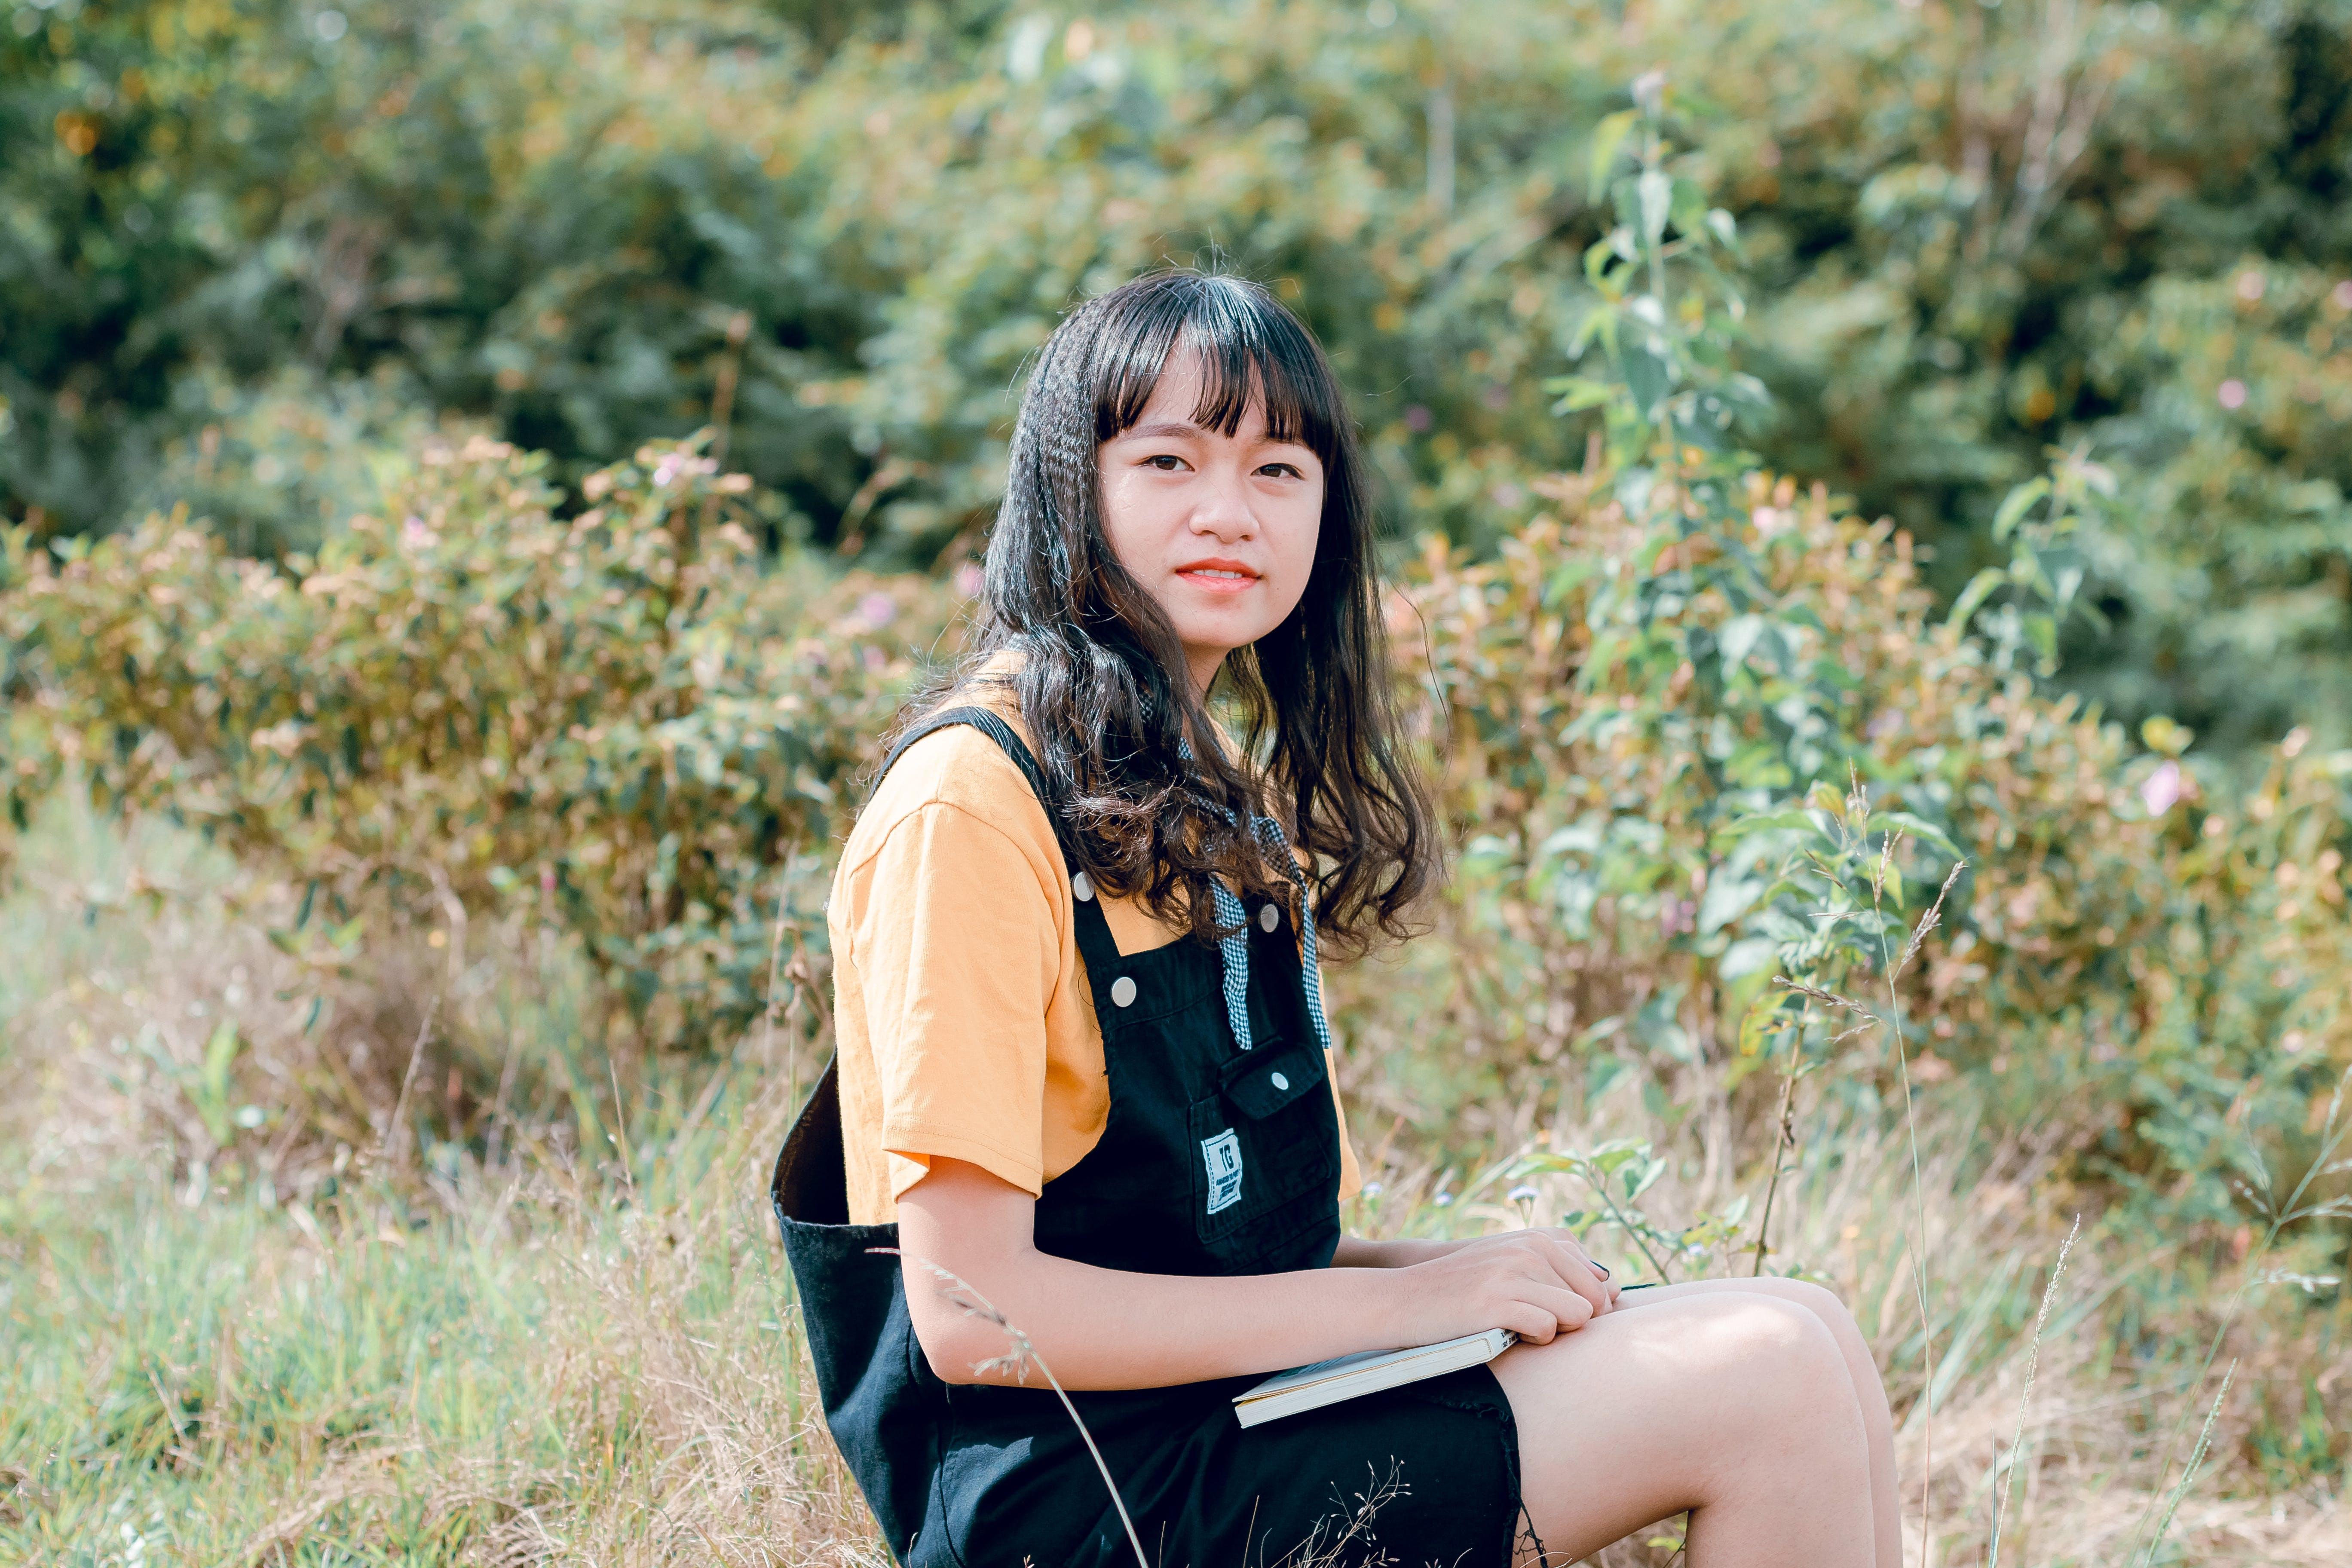 アジアの女性, アジア人の女の子, アジア人女性, カジュアルの無料の写真素材